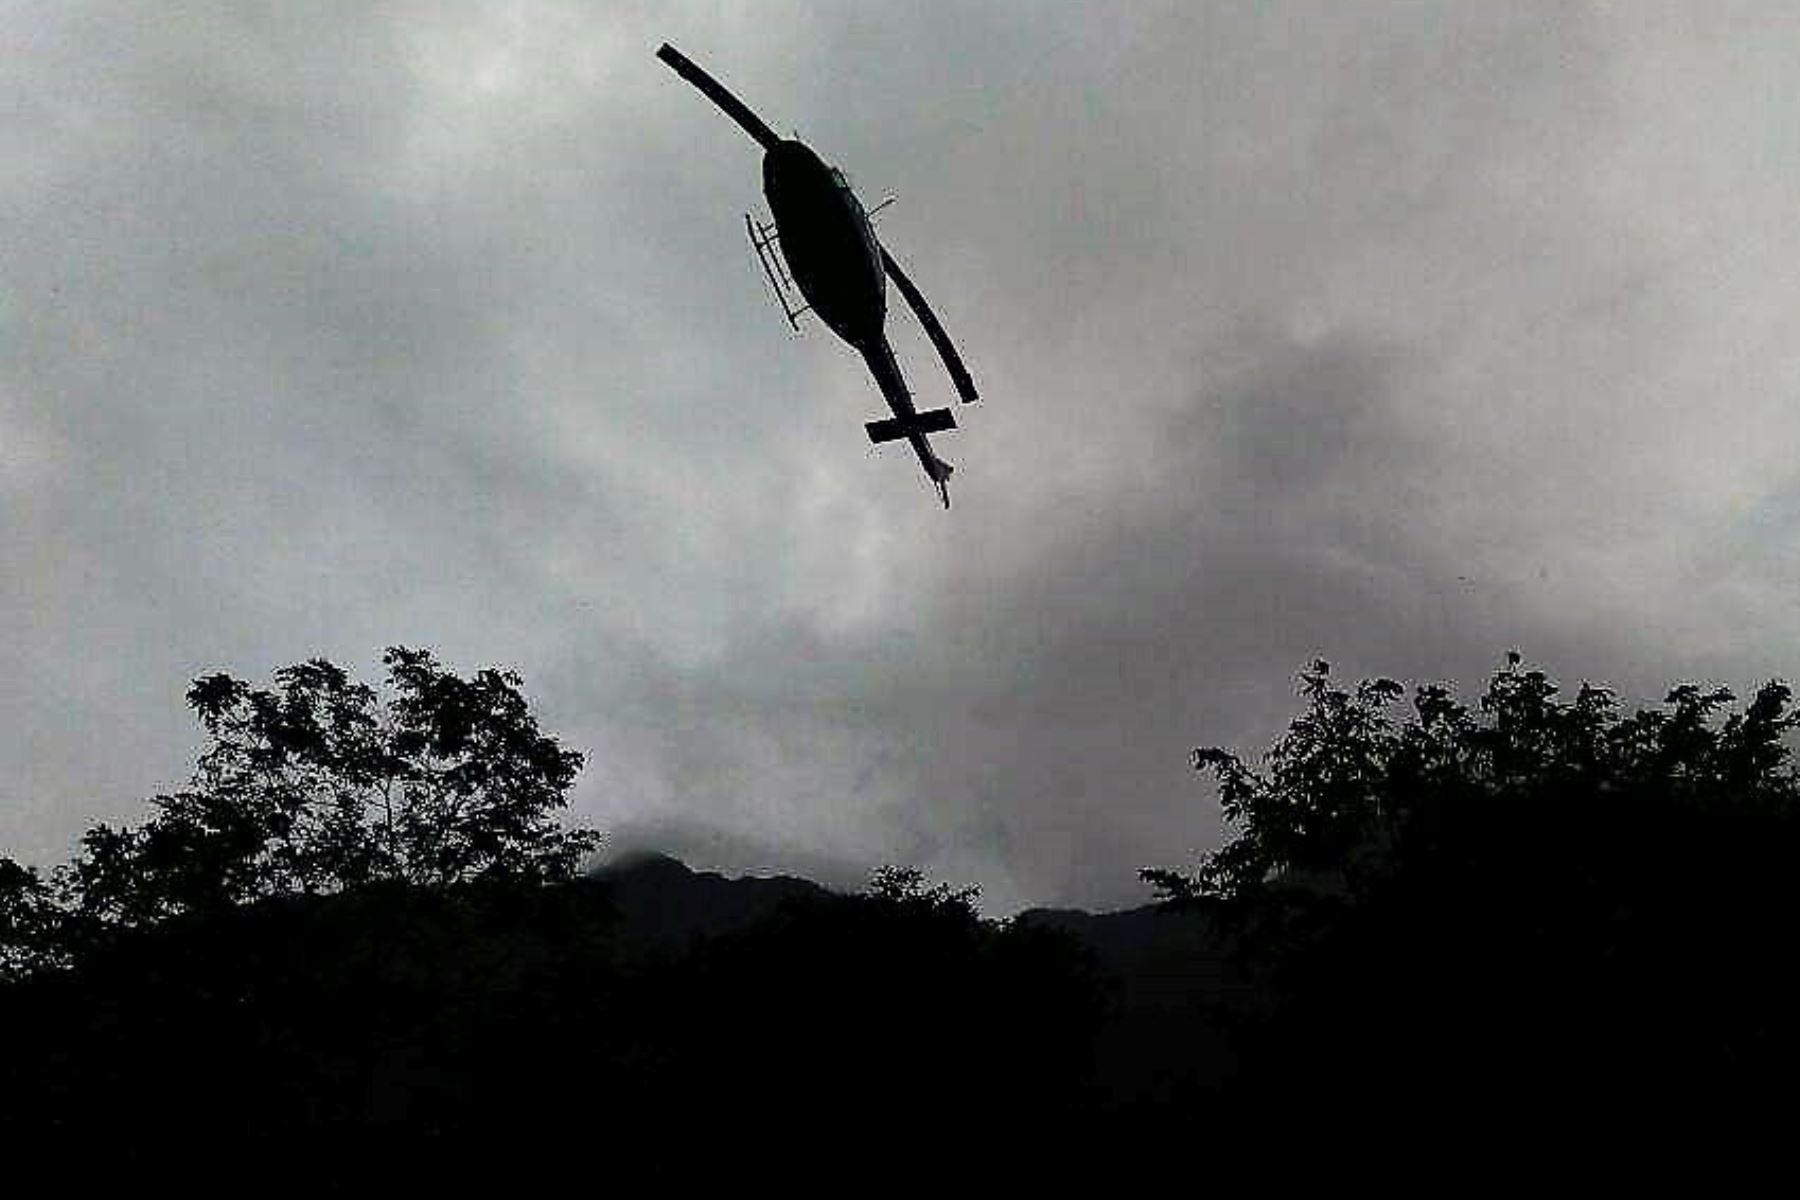 La FAP reportó el hallazgo del helicóptero desaparecido en Amazonas y confirma muerte de tripulantes y pasajeros. .Foto: Difusión